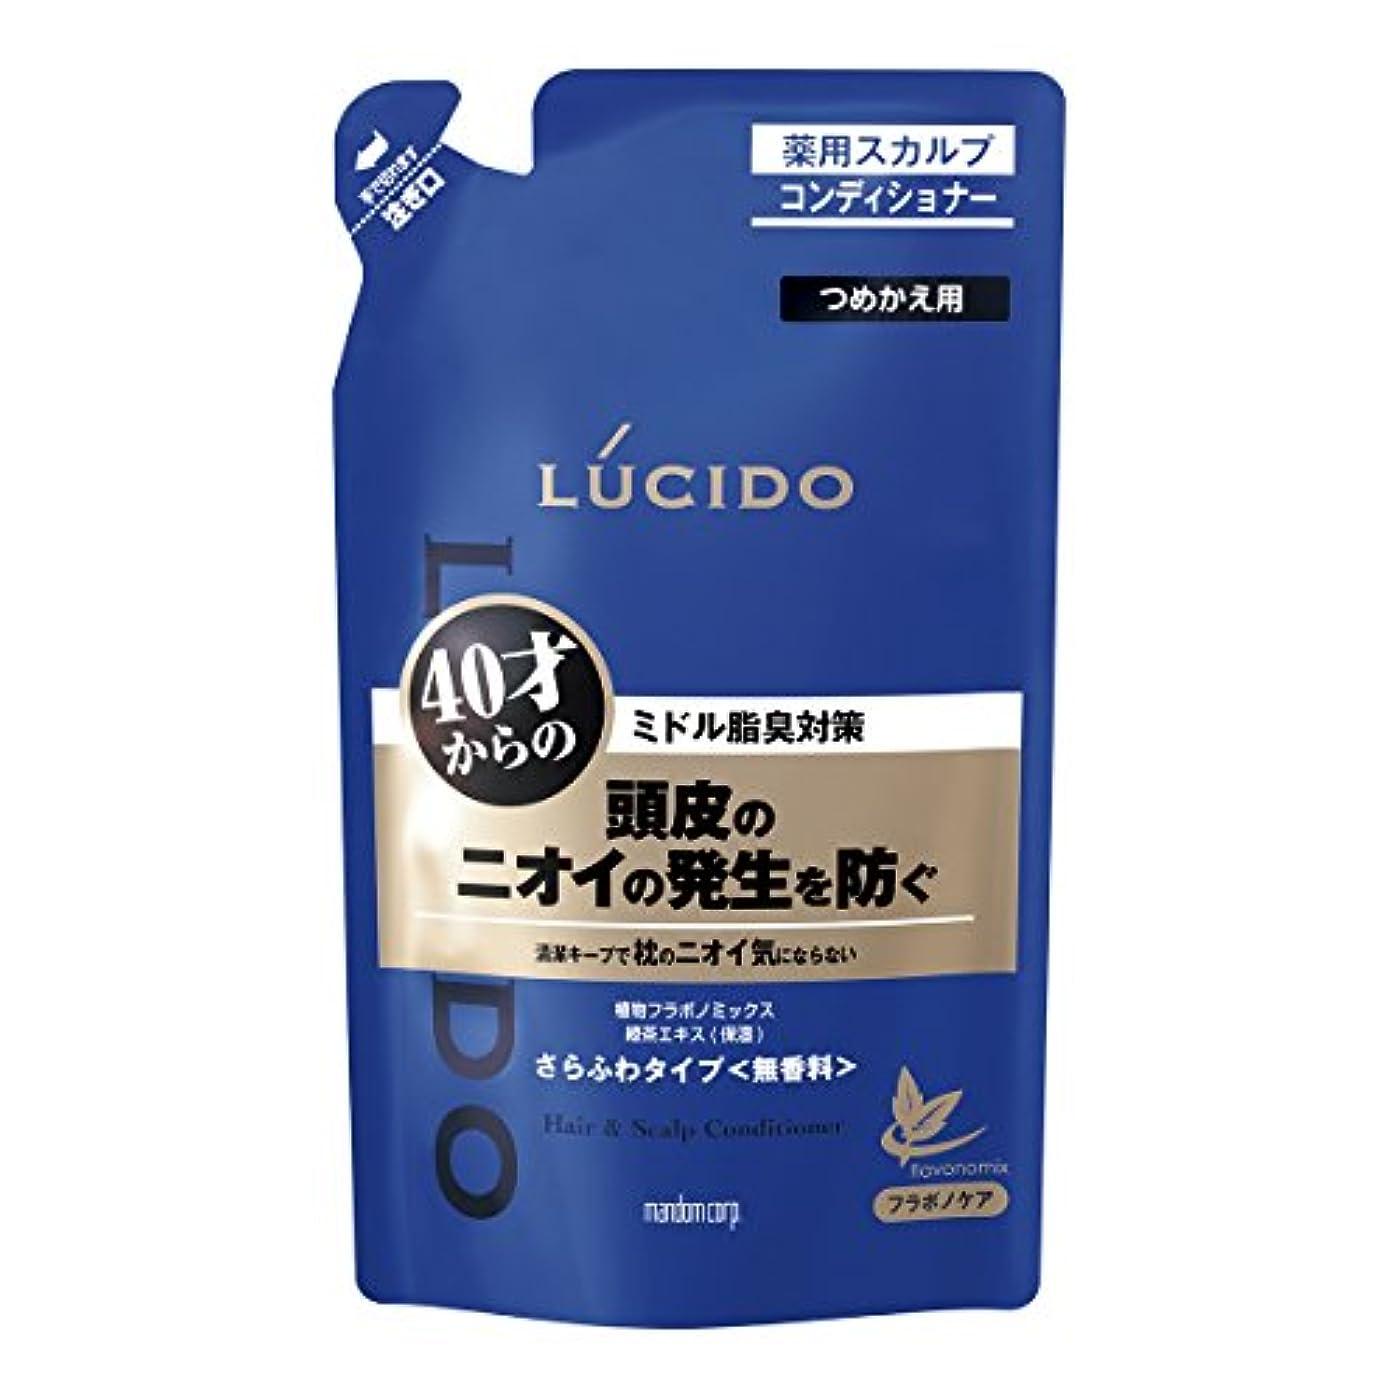 勤勉もろいいくつかのルシード 薬用ヘア&スカルプコンディショナー つめかえ用 380g(医薬部外品)